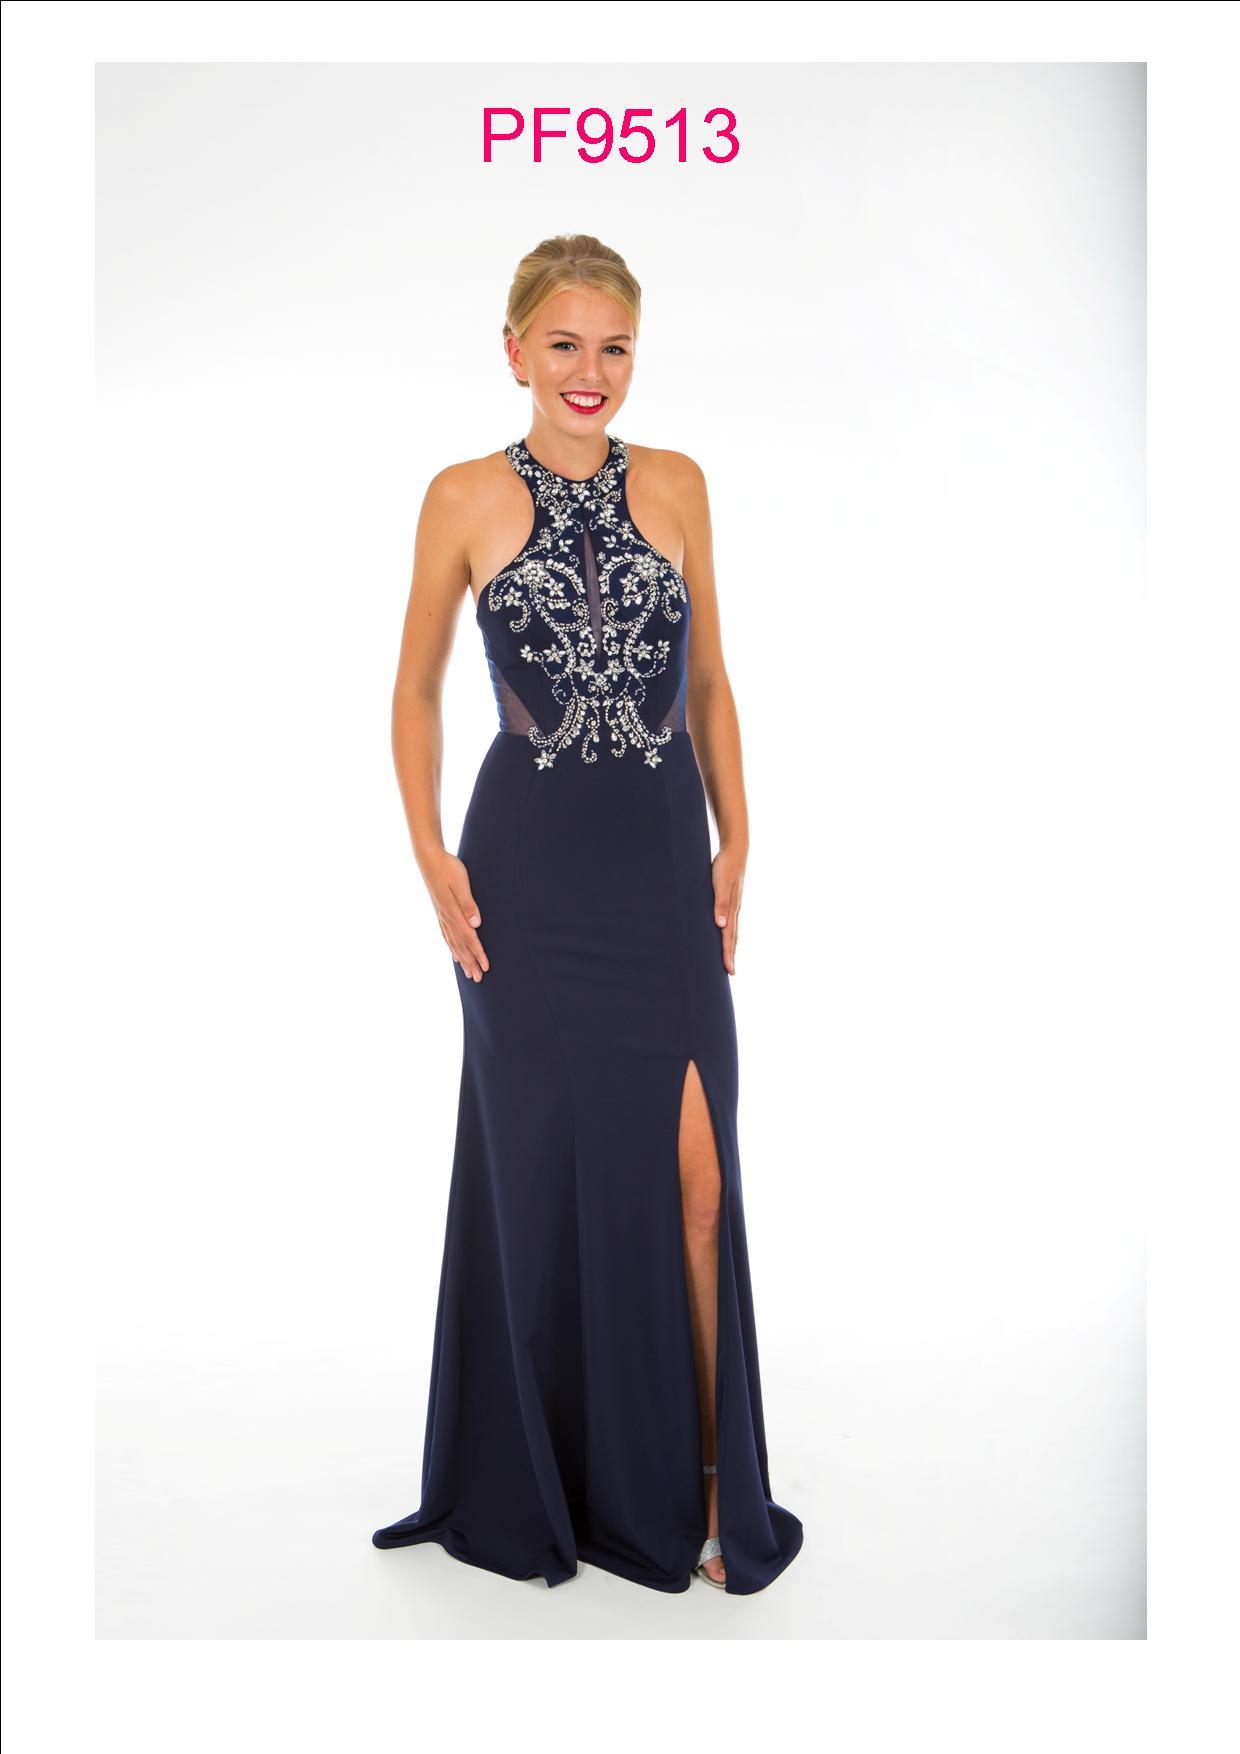 d1734cf420320 Prom Frocks PF 9513 Midnight Prom Dress - Prom Frocks UK Prom Dresses